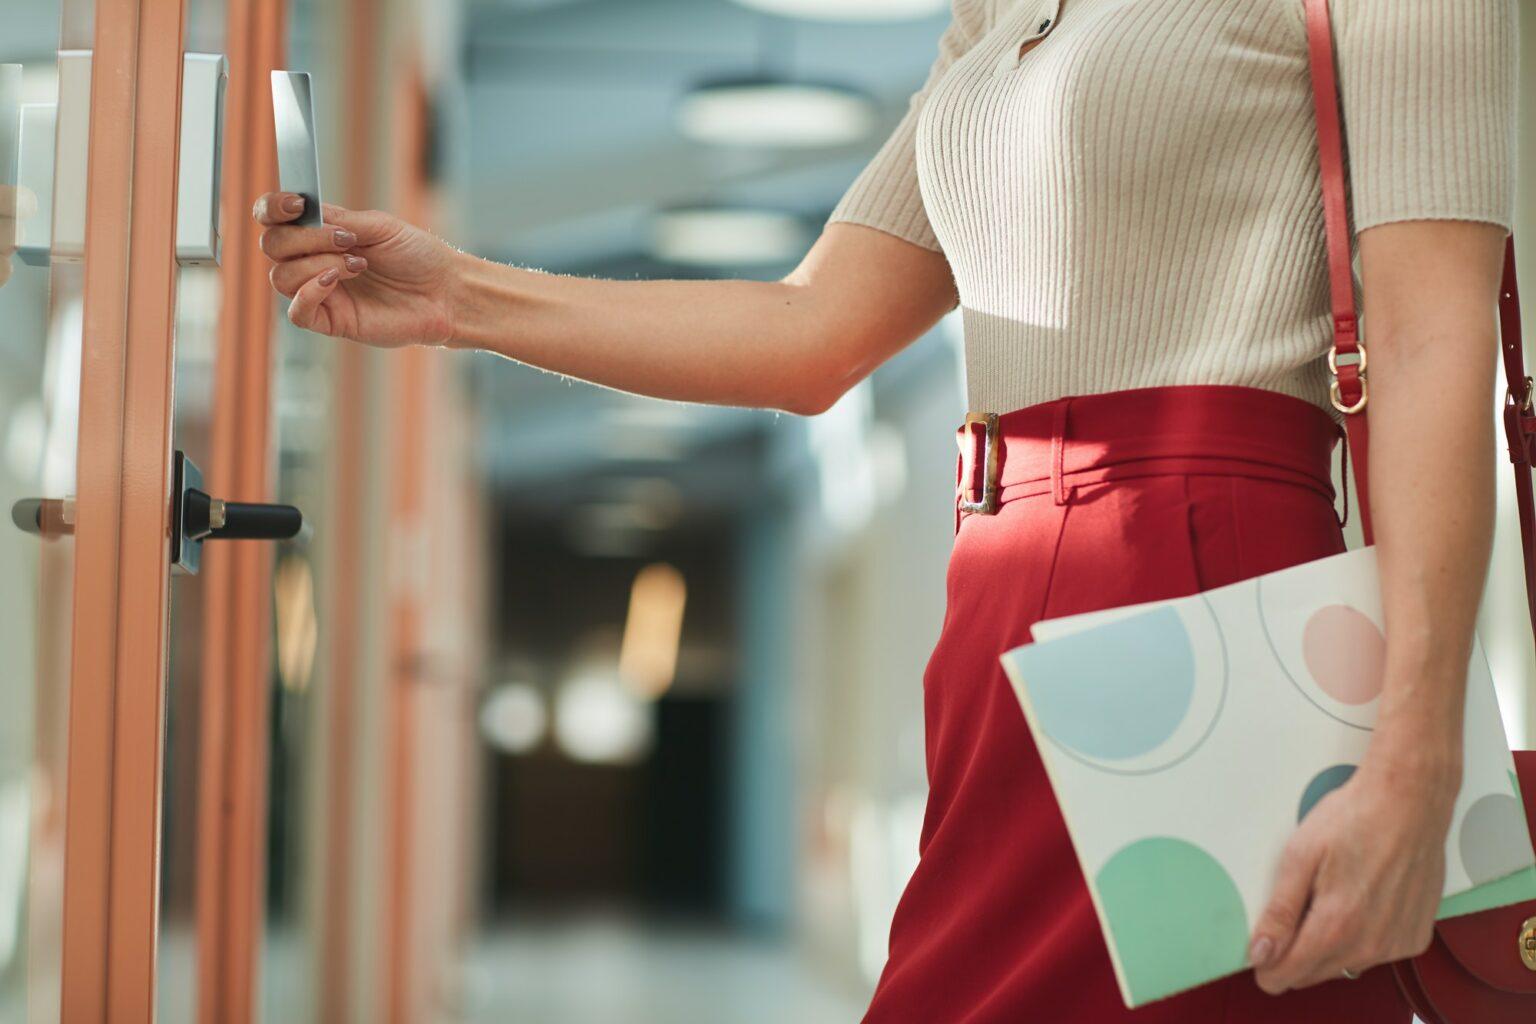 Businesswoman opening the door